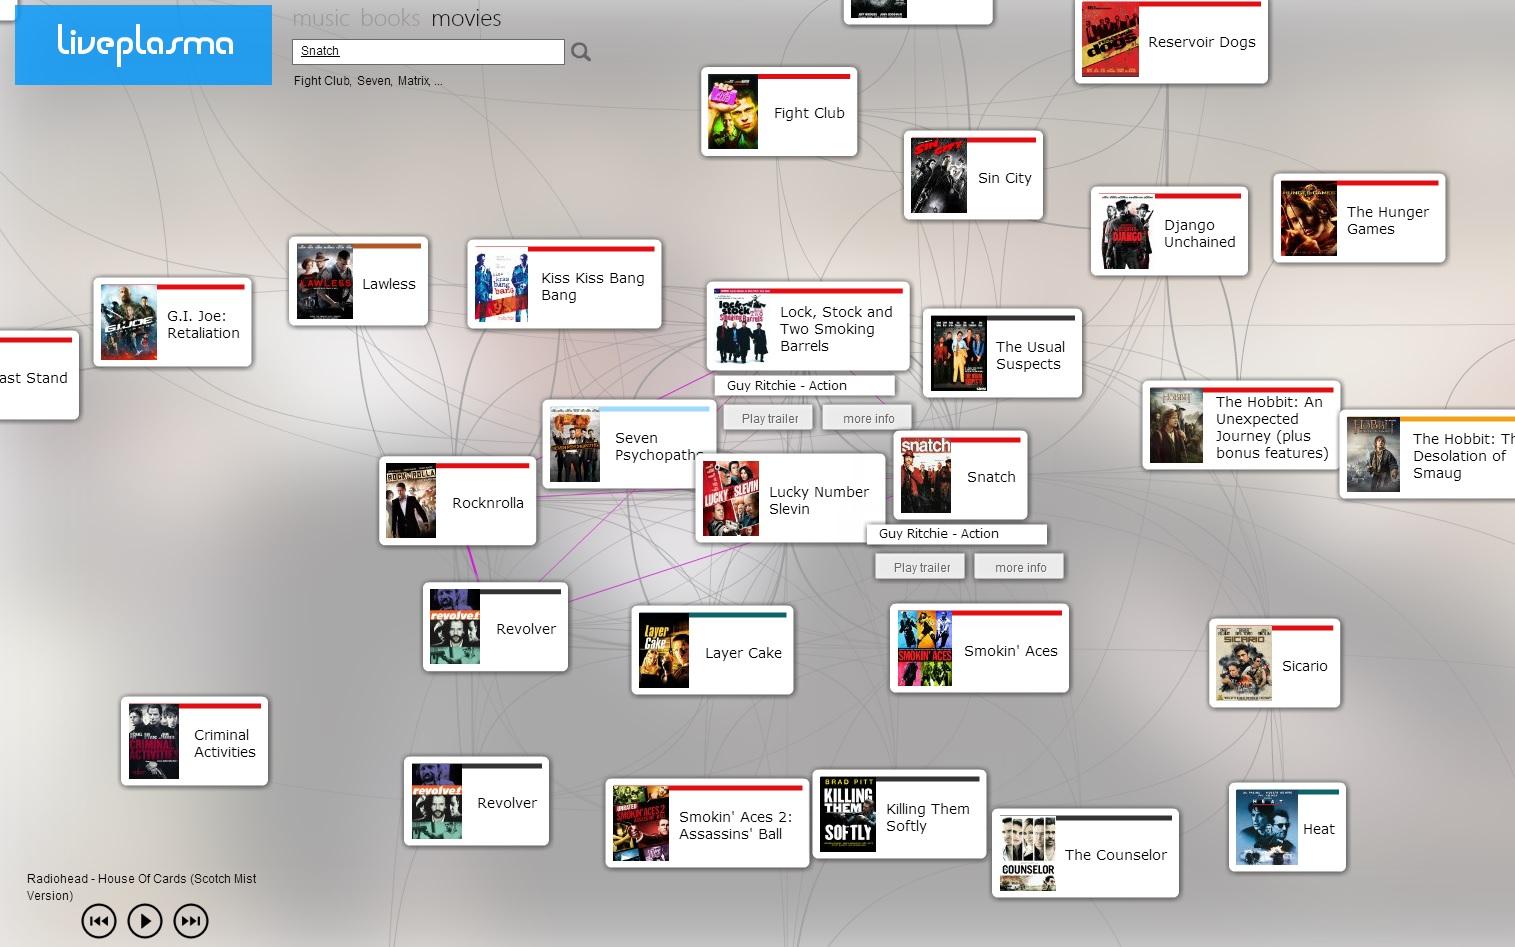 Spletna stran Liveplasma.